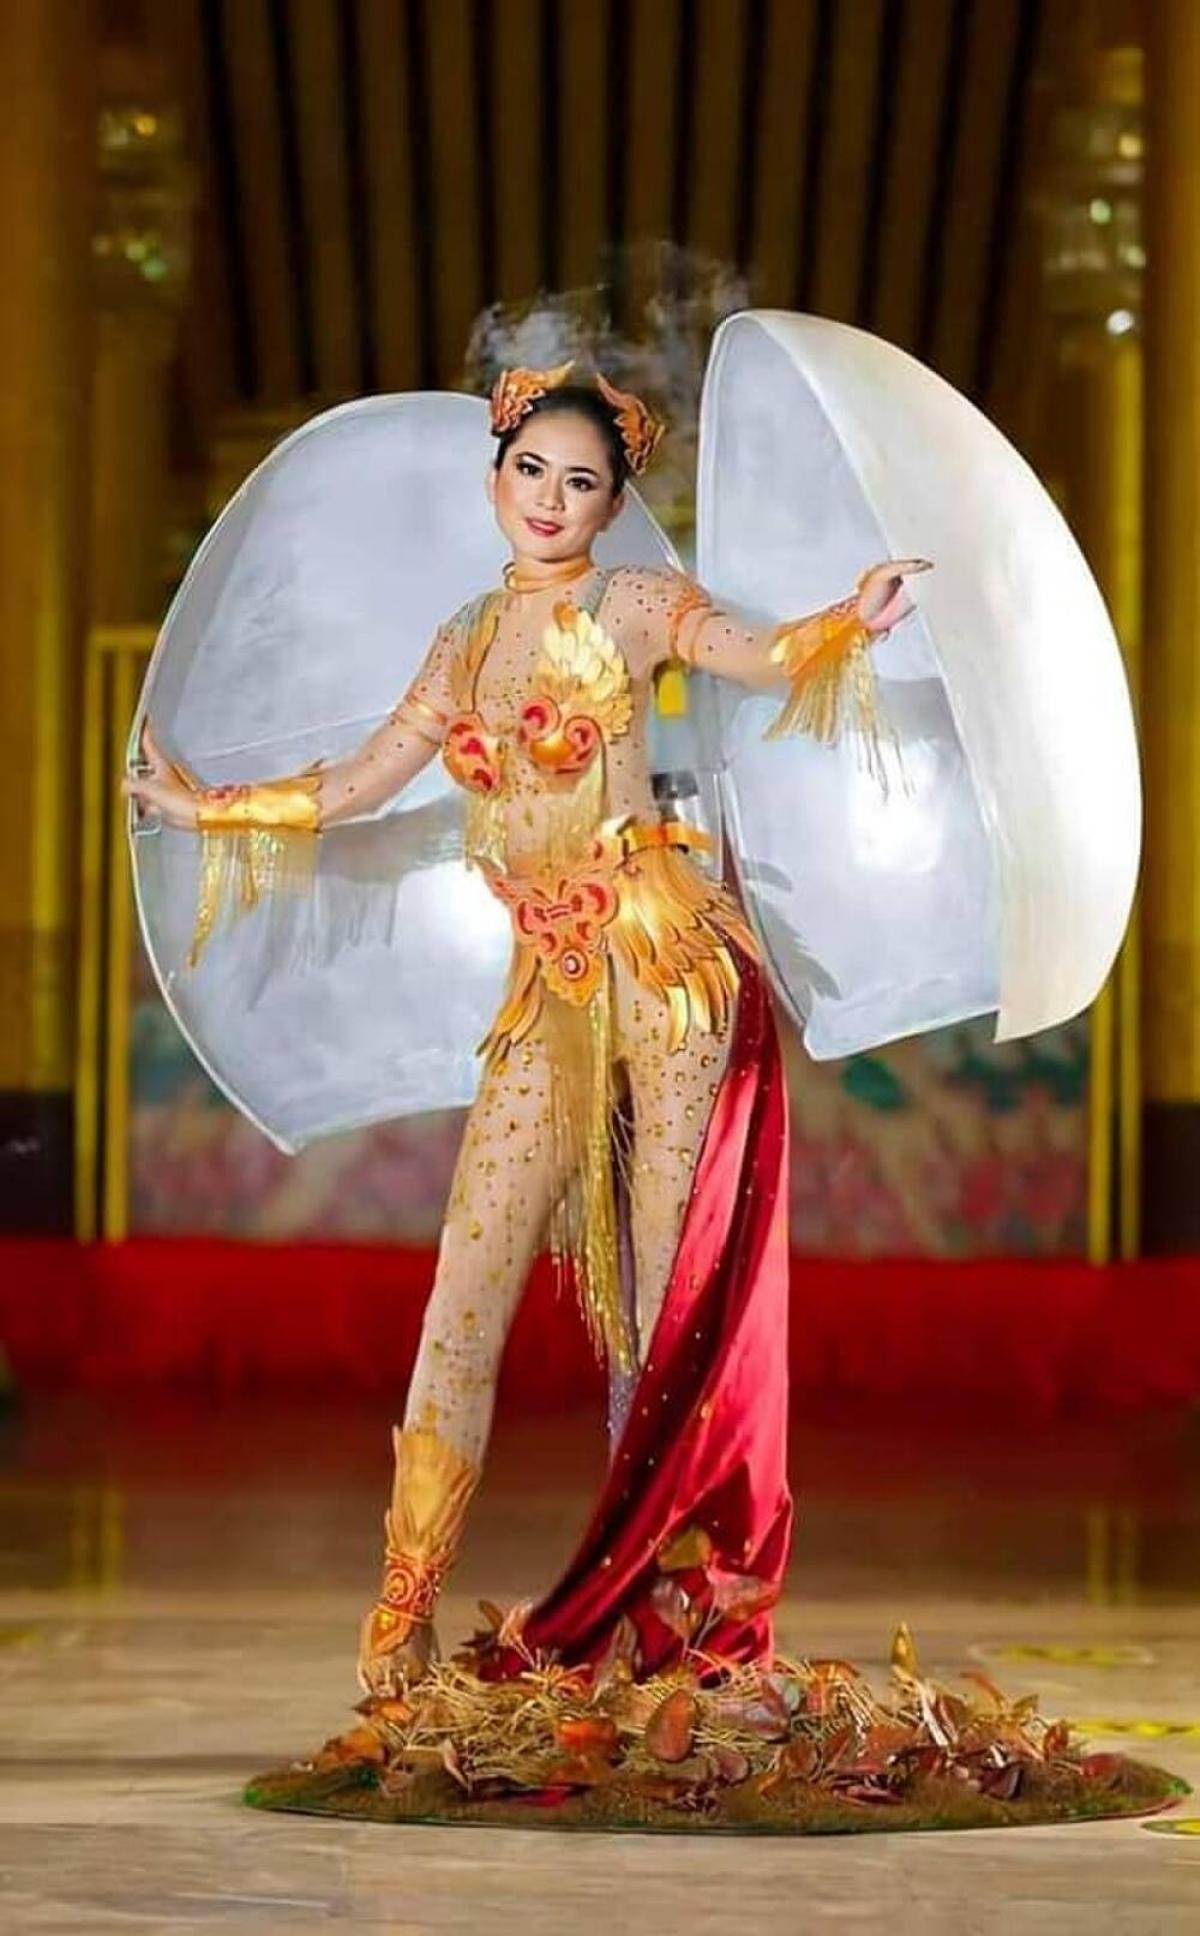 Thiết kế trang phục dân tộc thắng giải tại Hoa hậu Hoàn vũ Myanmar.